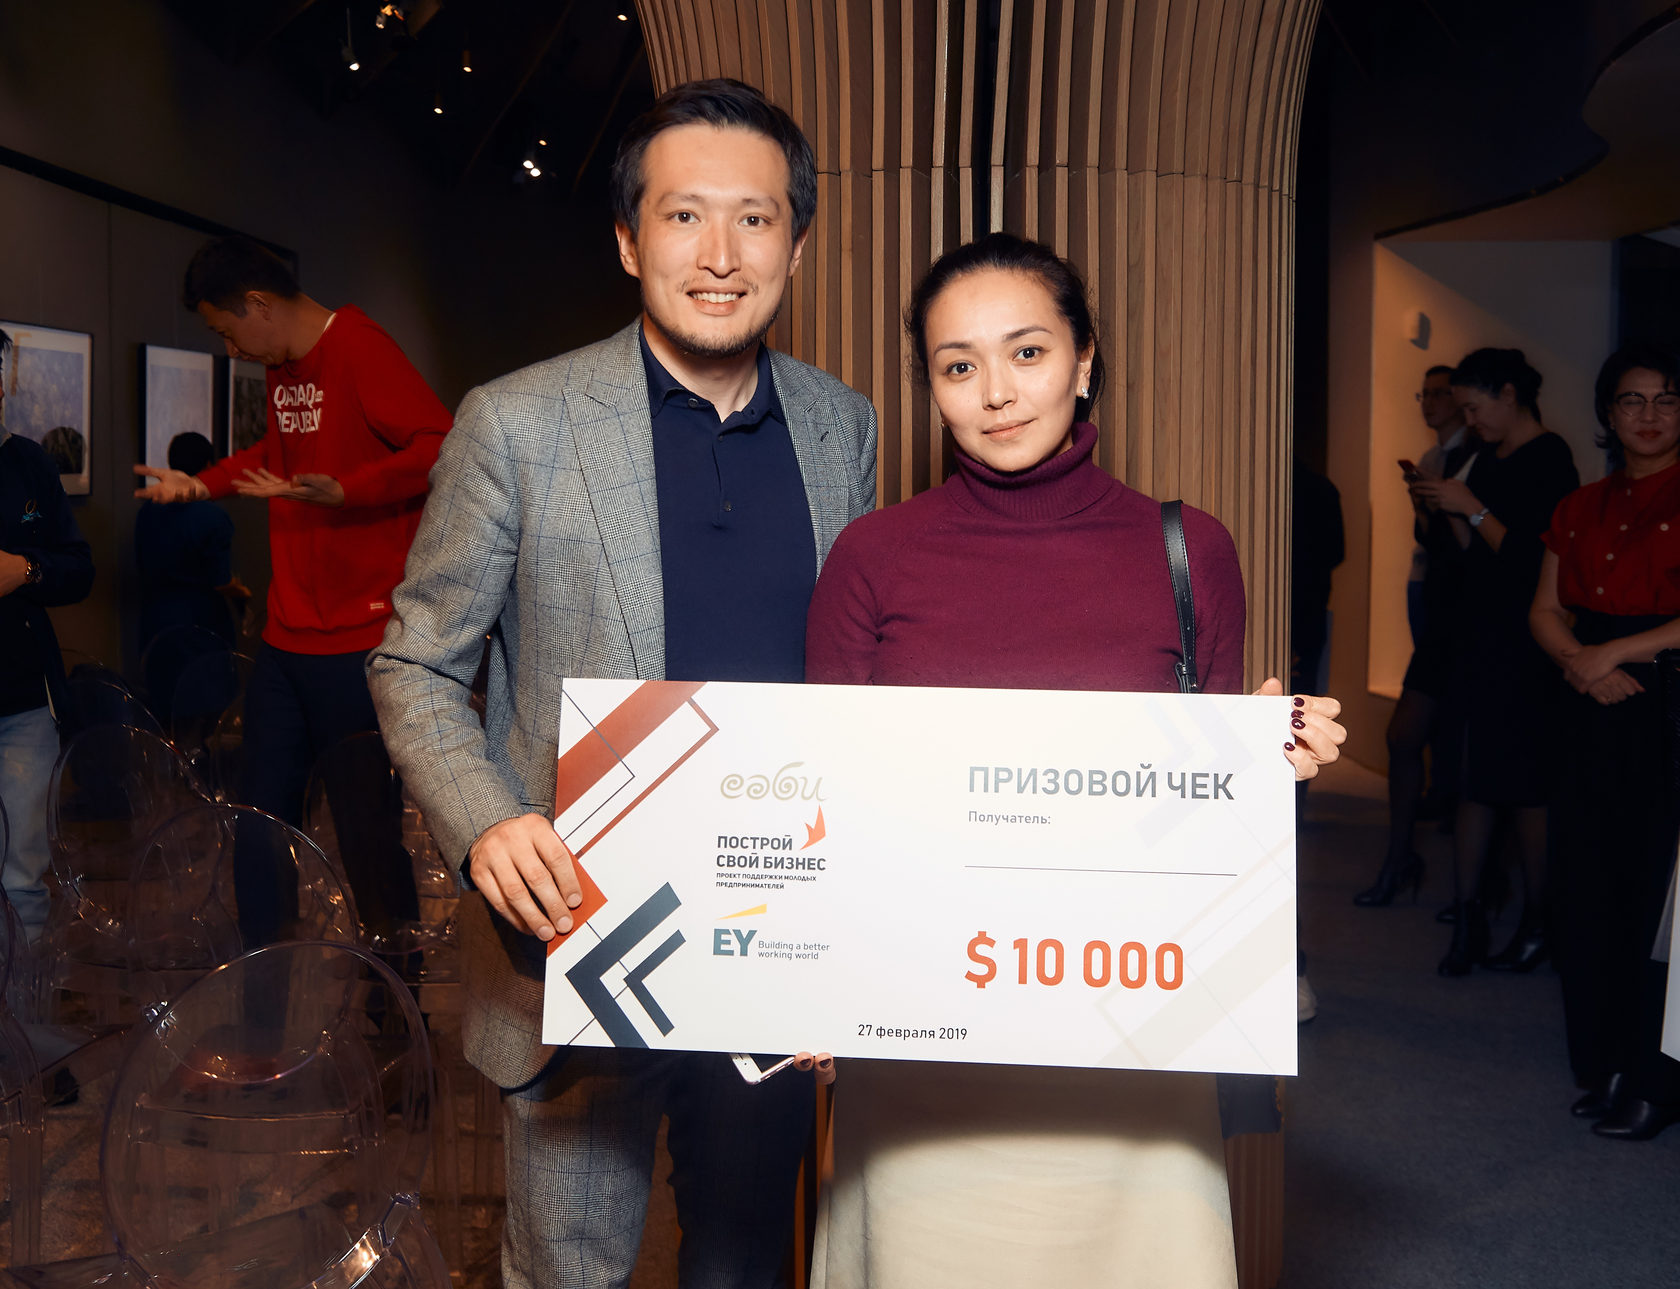 Награждение победительницы с проектом Бизнес против дисплазии